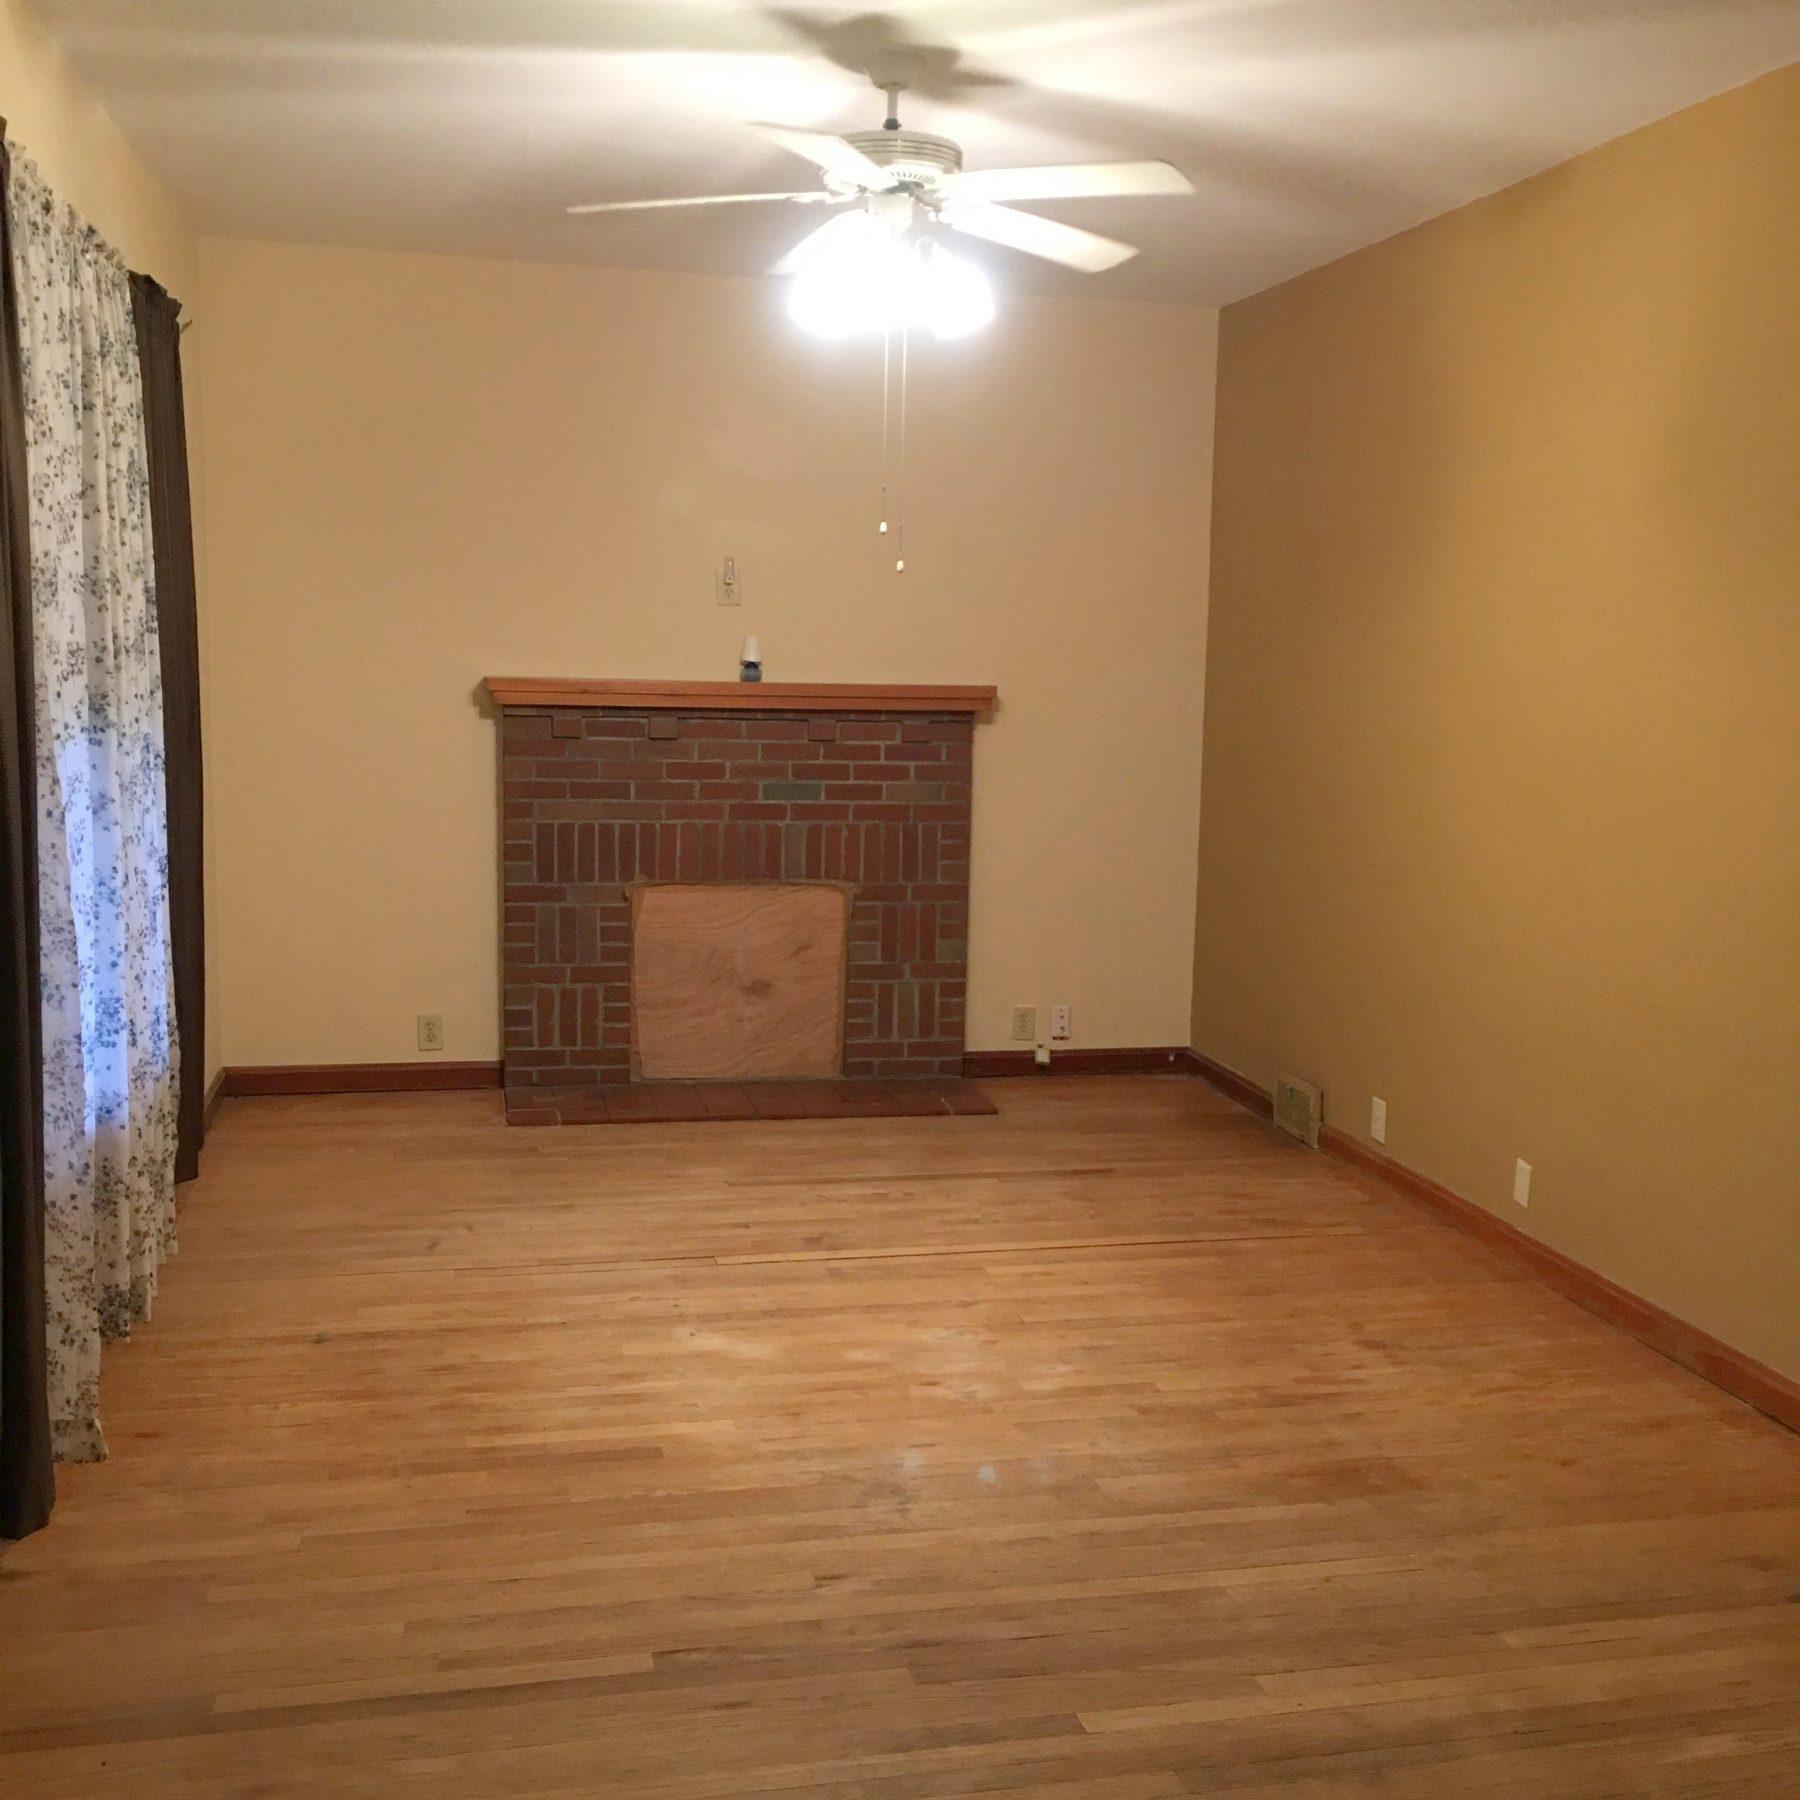 Varwig living room